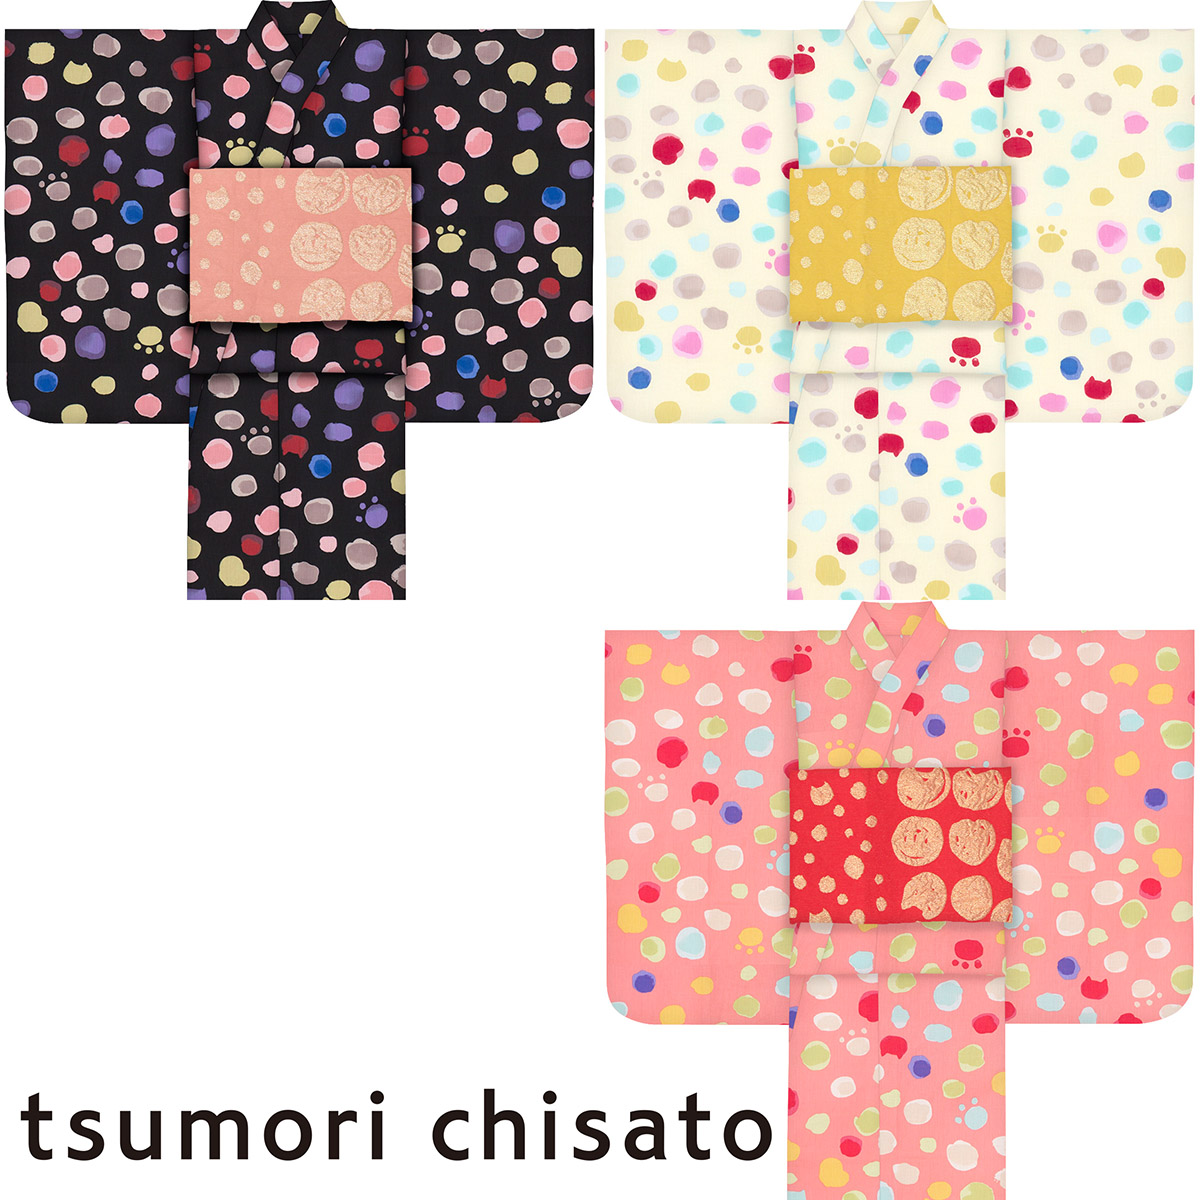 子供浴衣 ツモリ チサト tsumori chisato kids yukata ドット120 130 140 150 こどもゆかた 女児 ジュニア